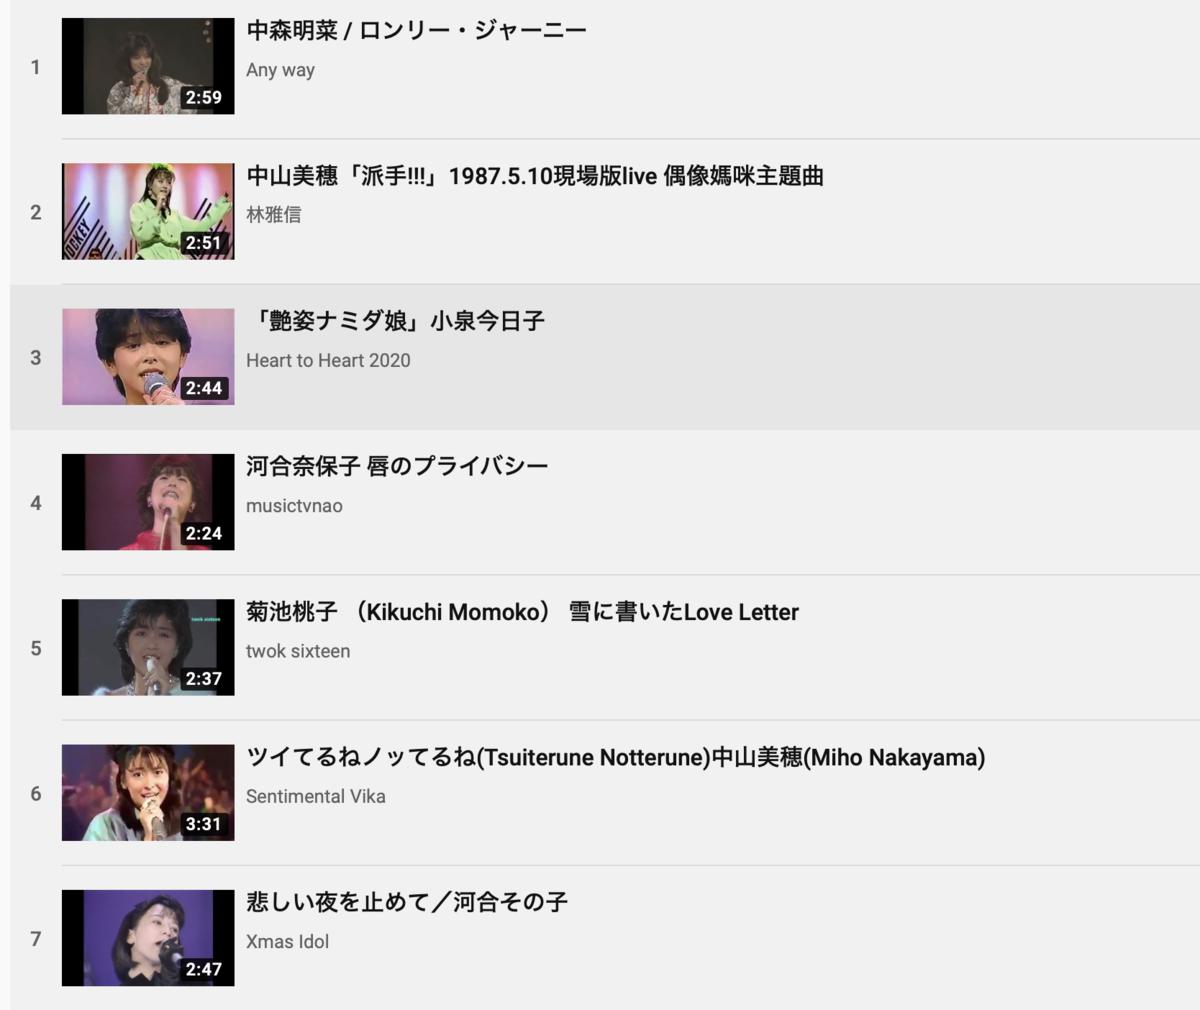 f:id:kasuimoku:20200109001903p:plain